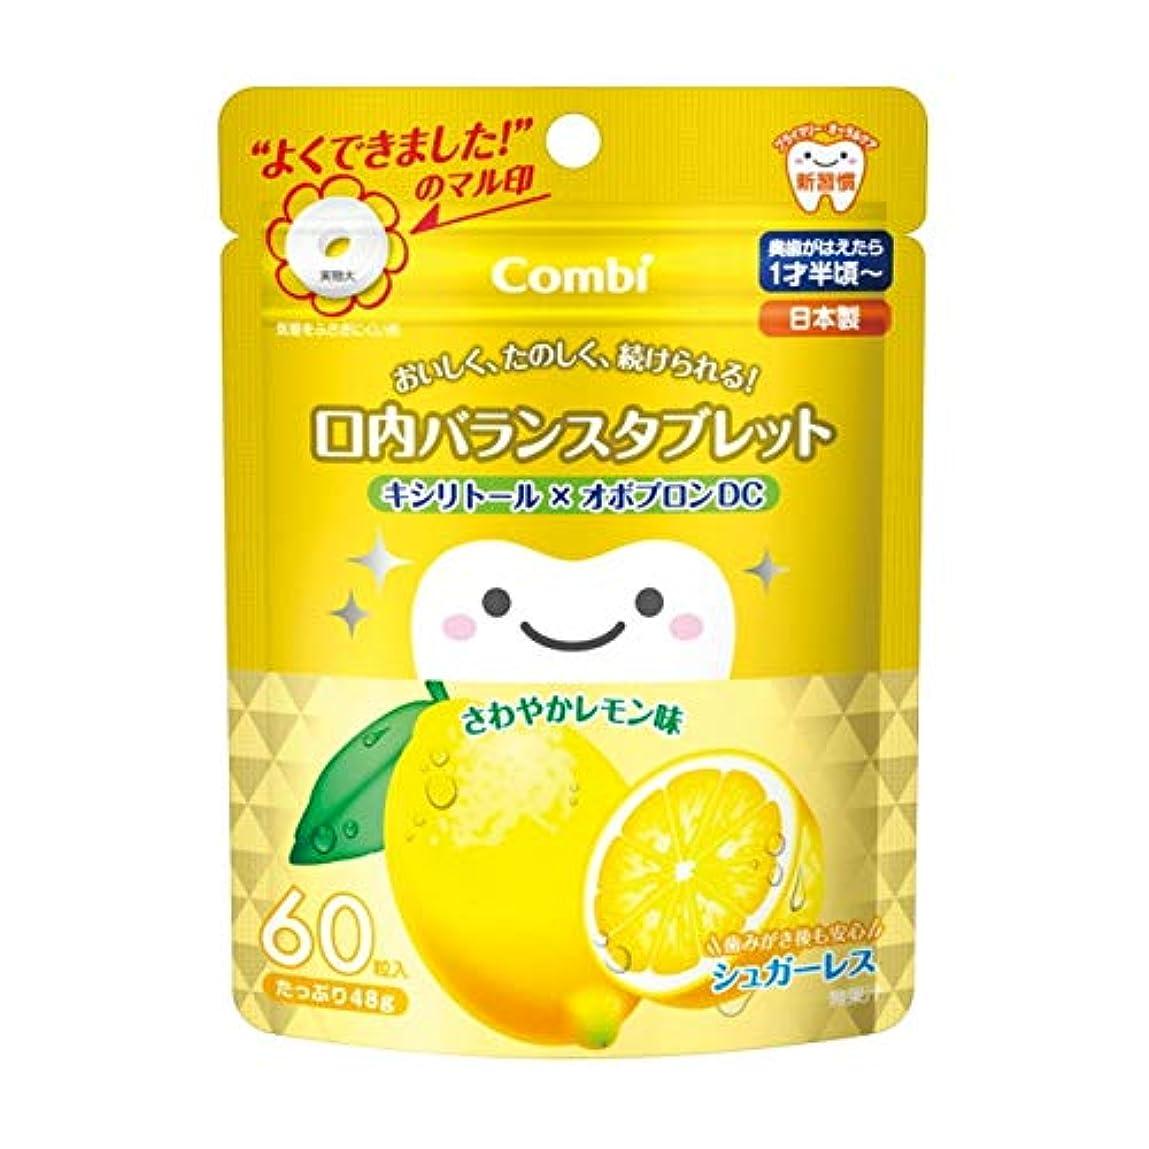 トランクライブラリタブレット鷲テテオ 口内バランスタブレット(レモン) 60粒